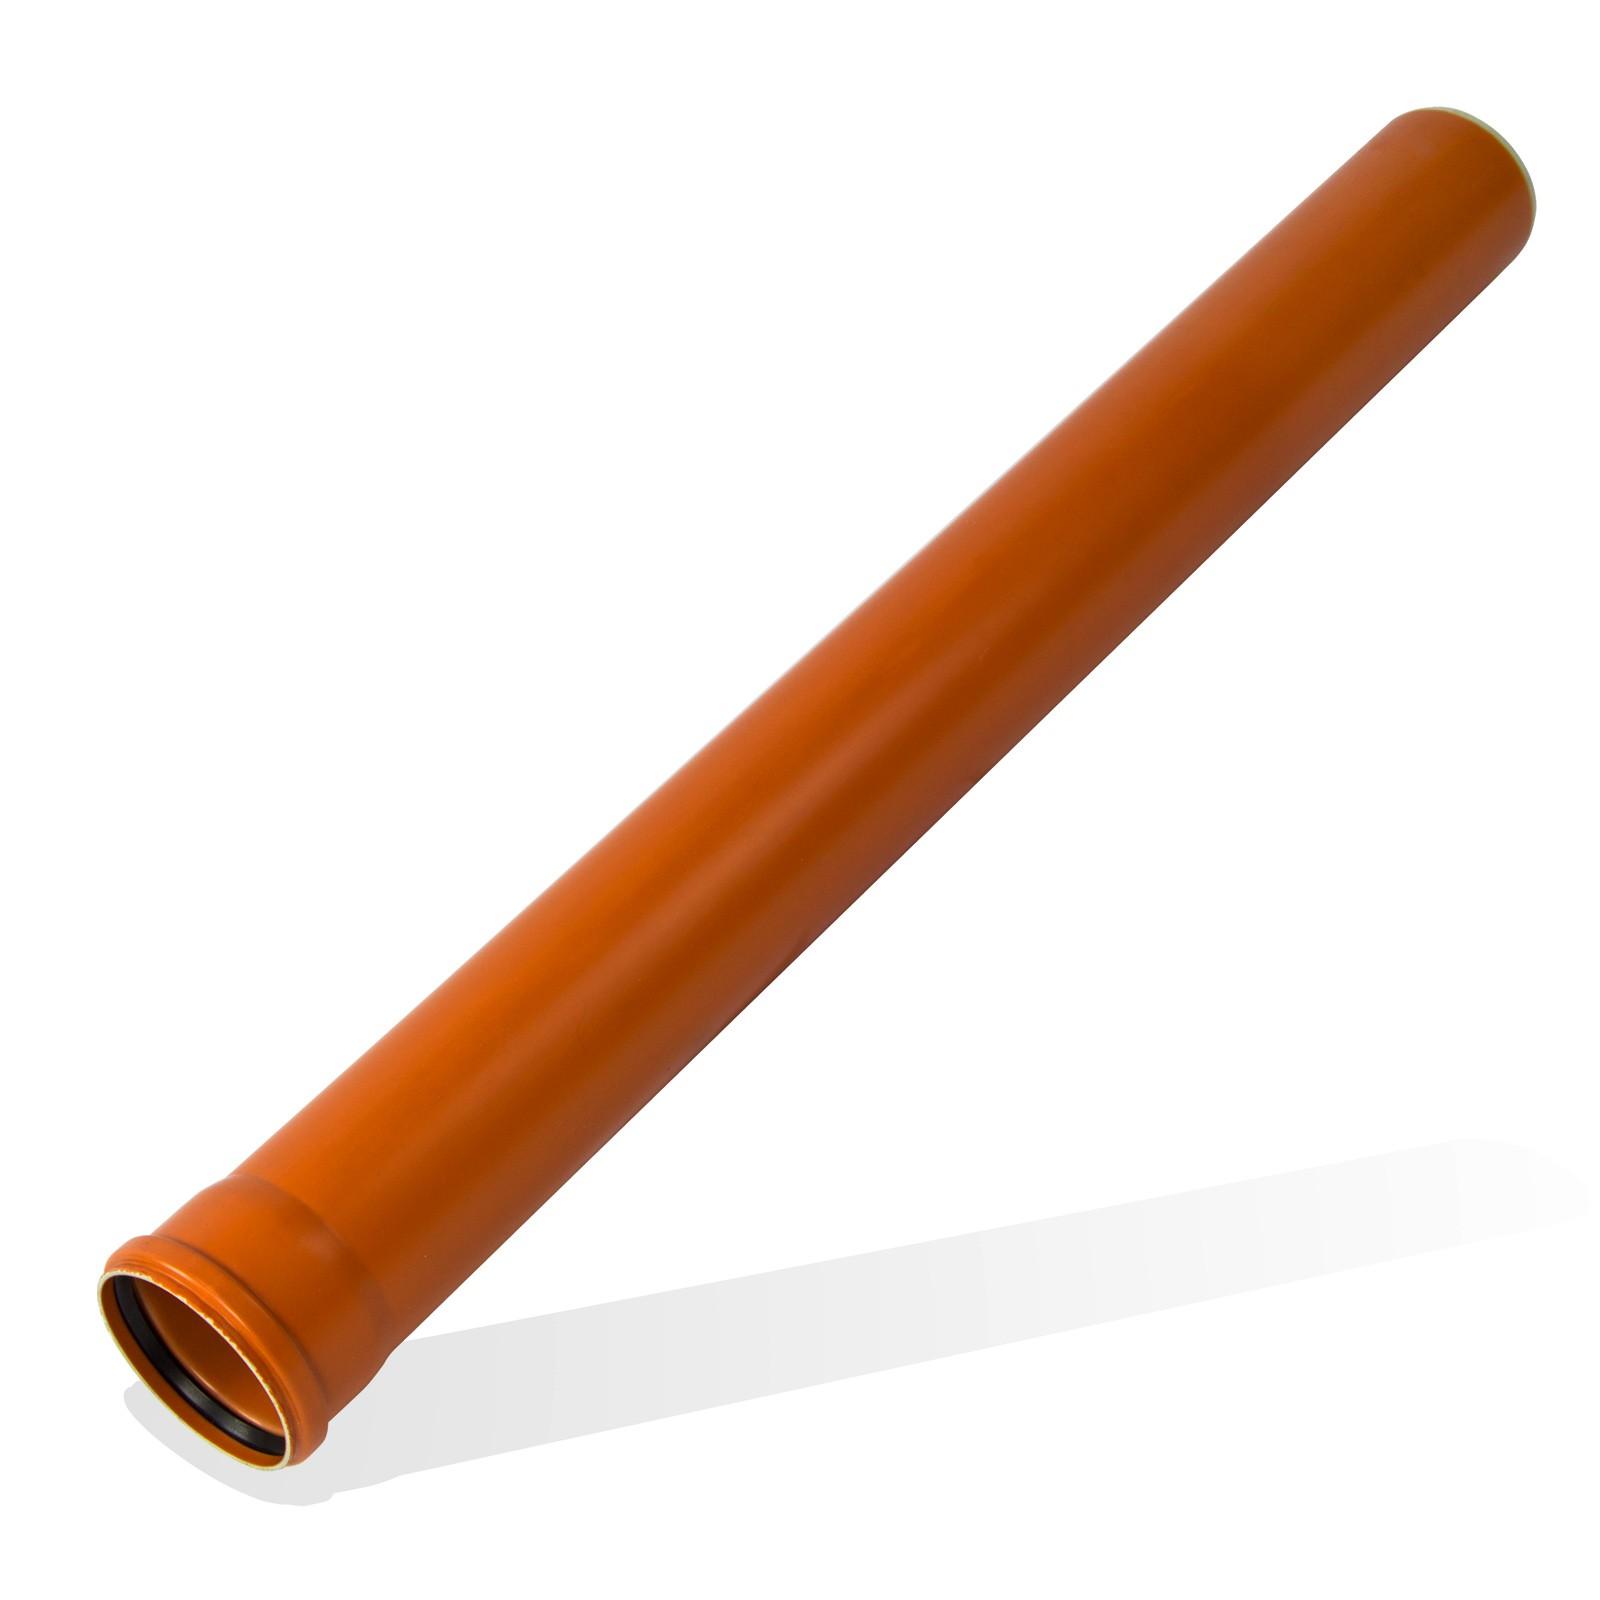 kg rohr dn110 1000mm 1m abwasserrohr 100mm kanalrohr orange. Black Bedroom Furniture Sets. Home Design Ideas